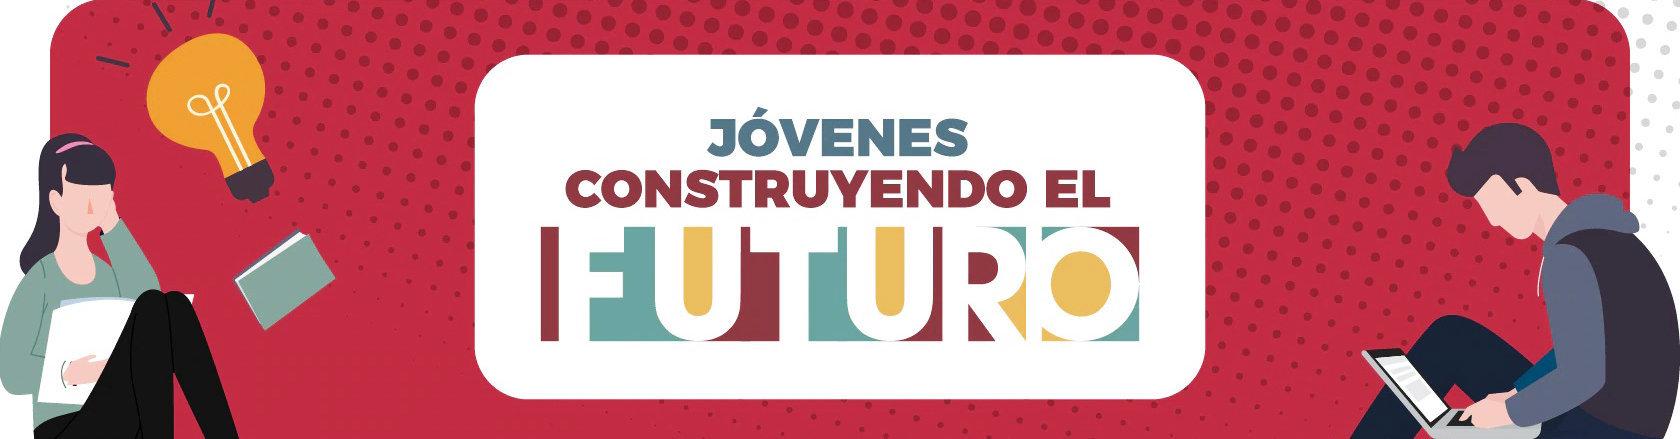 Datos Jovenes Construyendo el Futuro